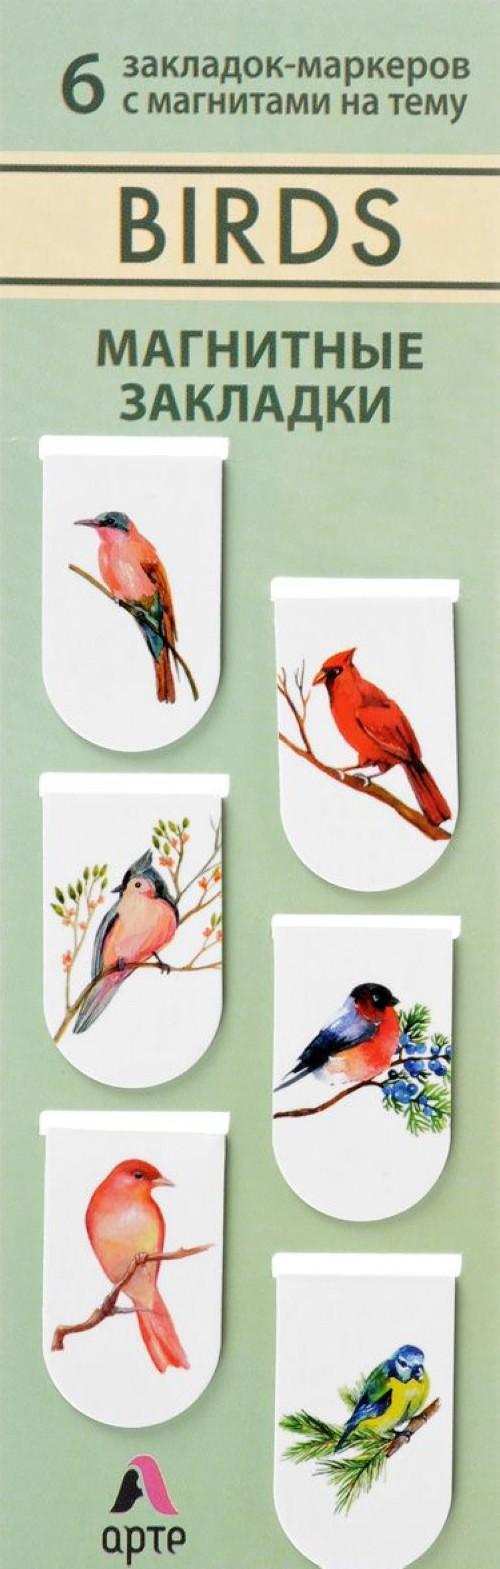 Birds. Магнитные закладки